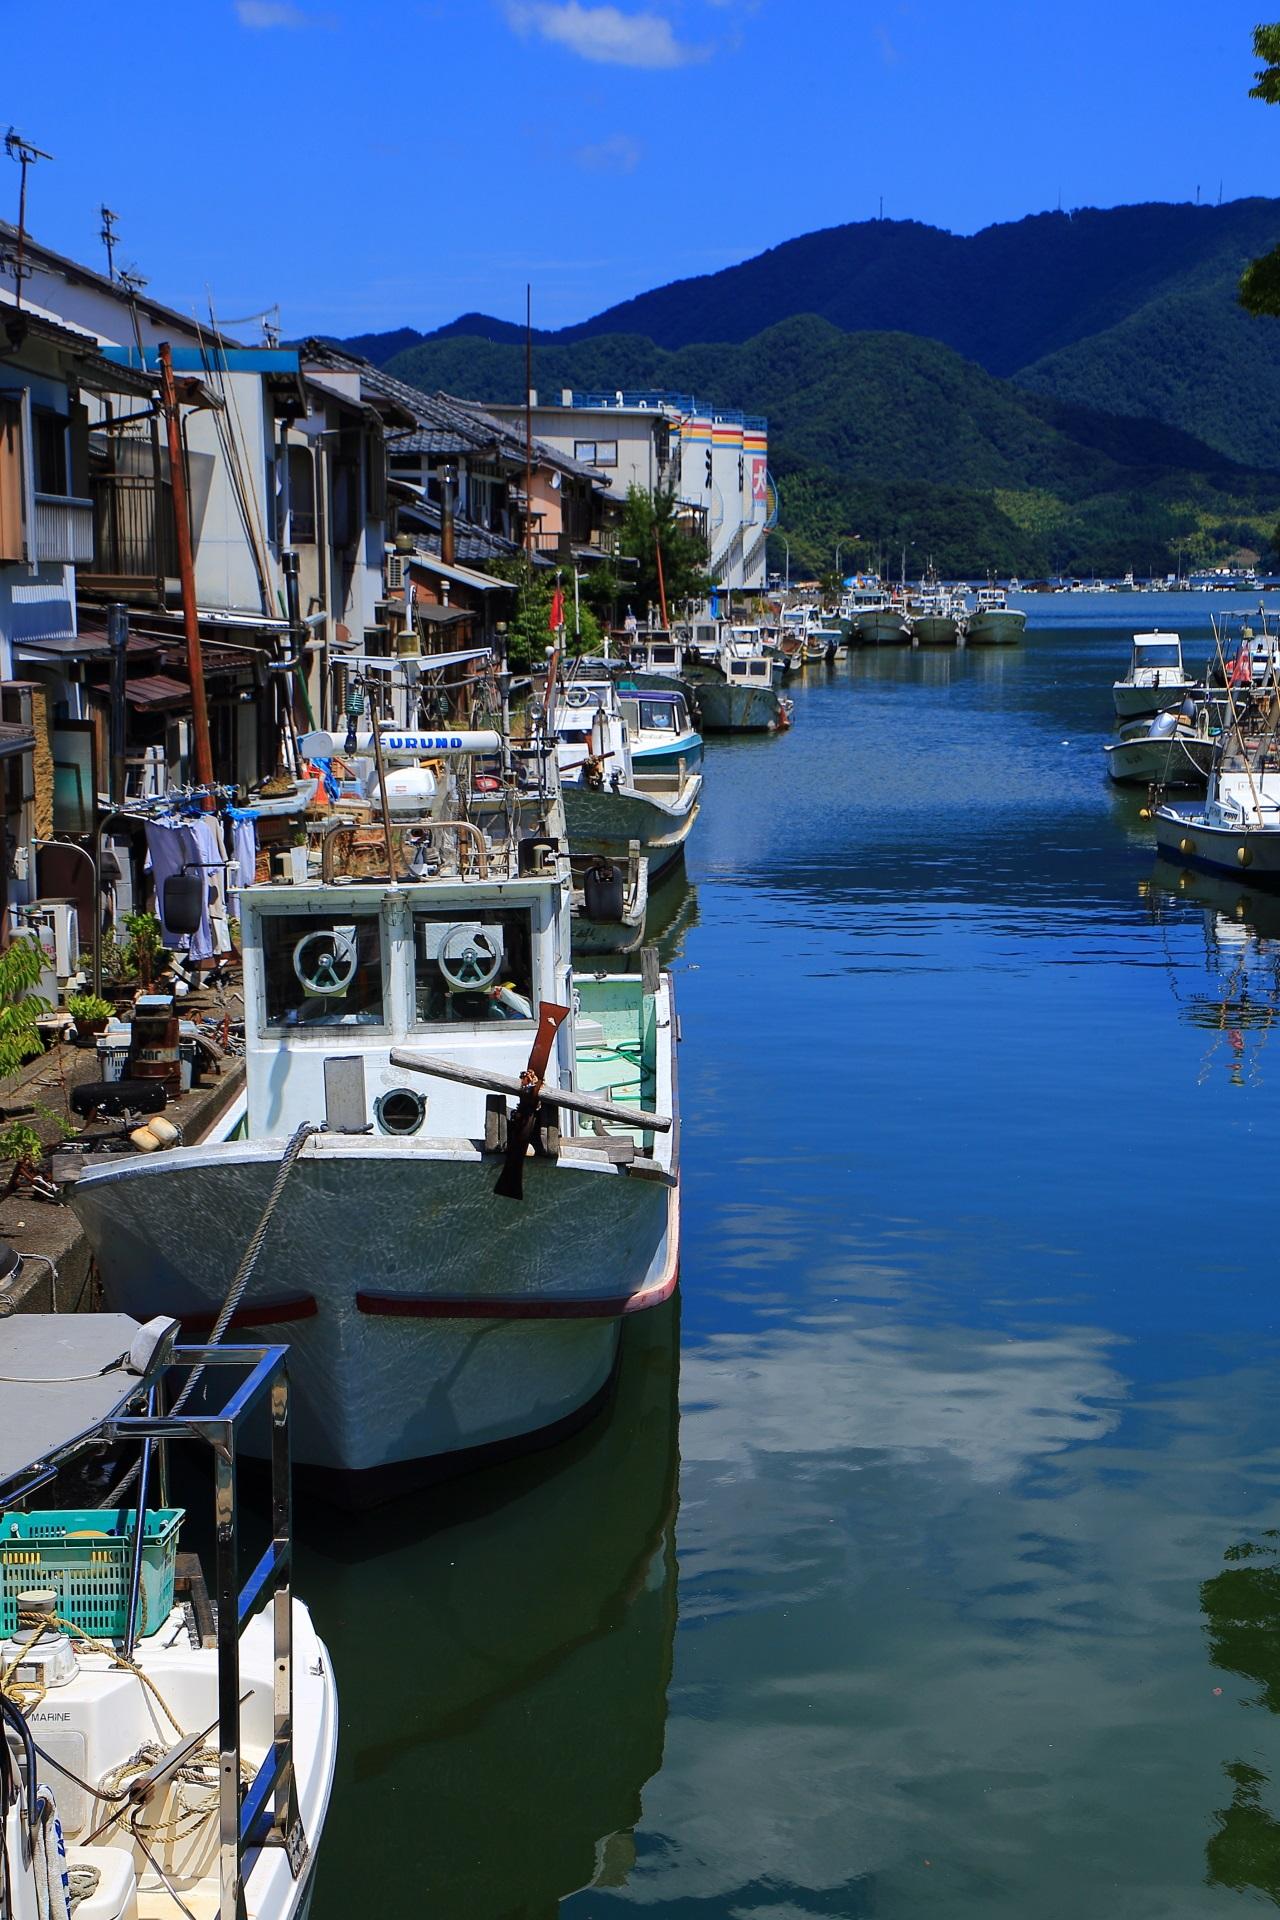 川岸に漁船がびっしりと並ぶ独特の情景の吉原入江